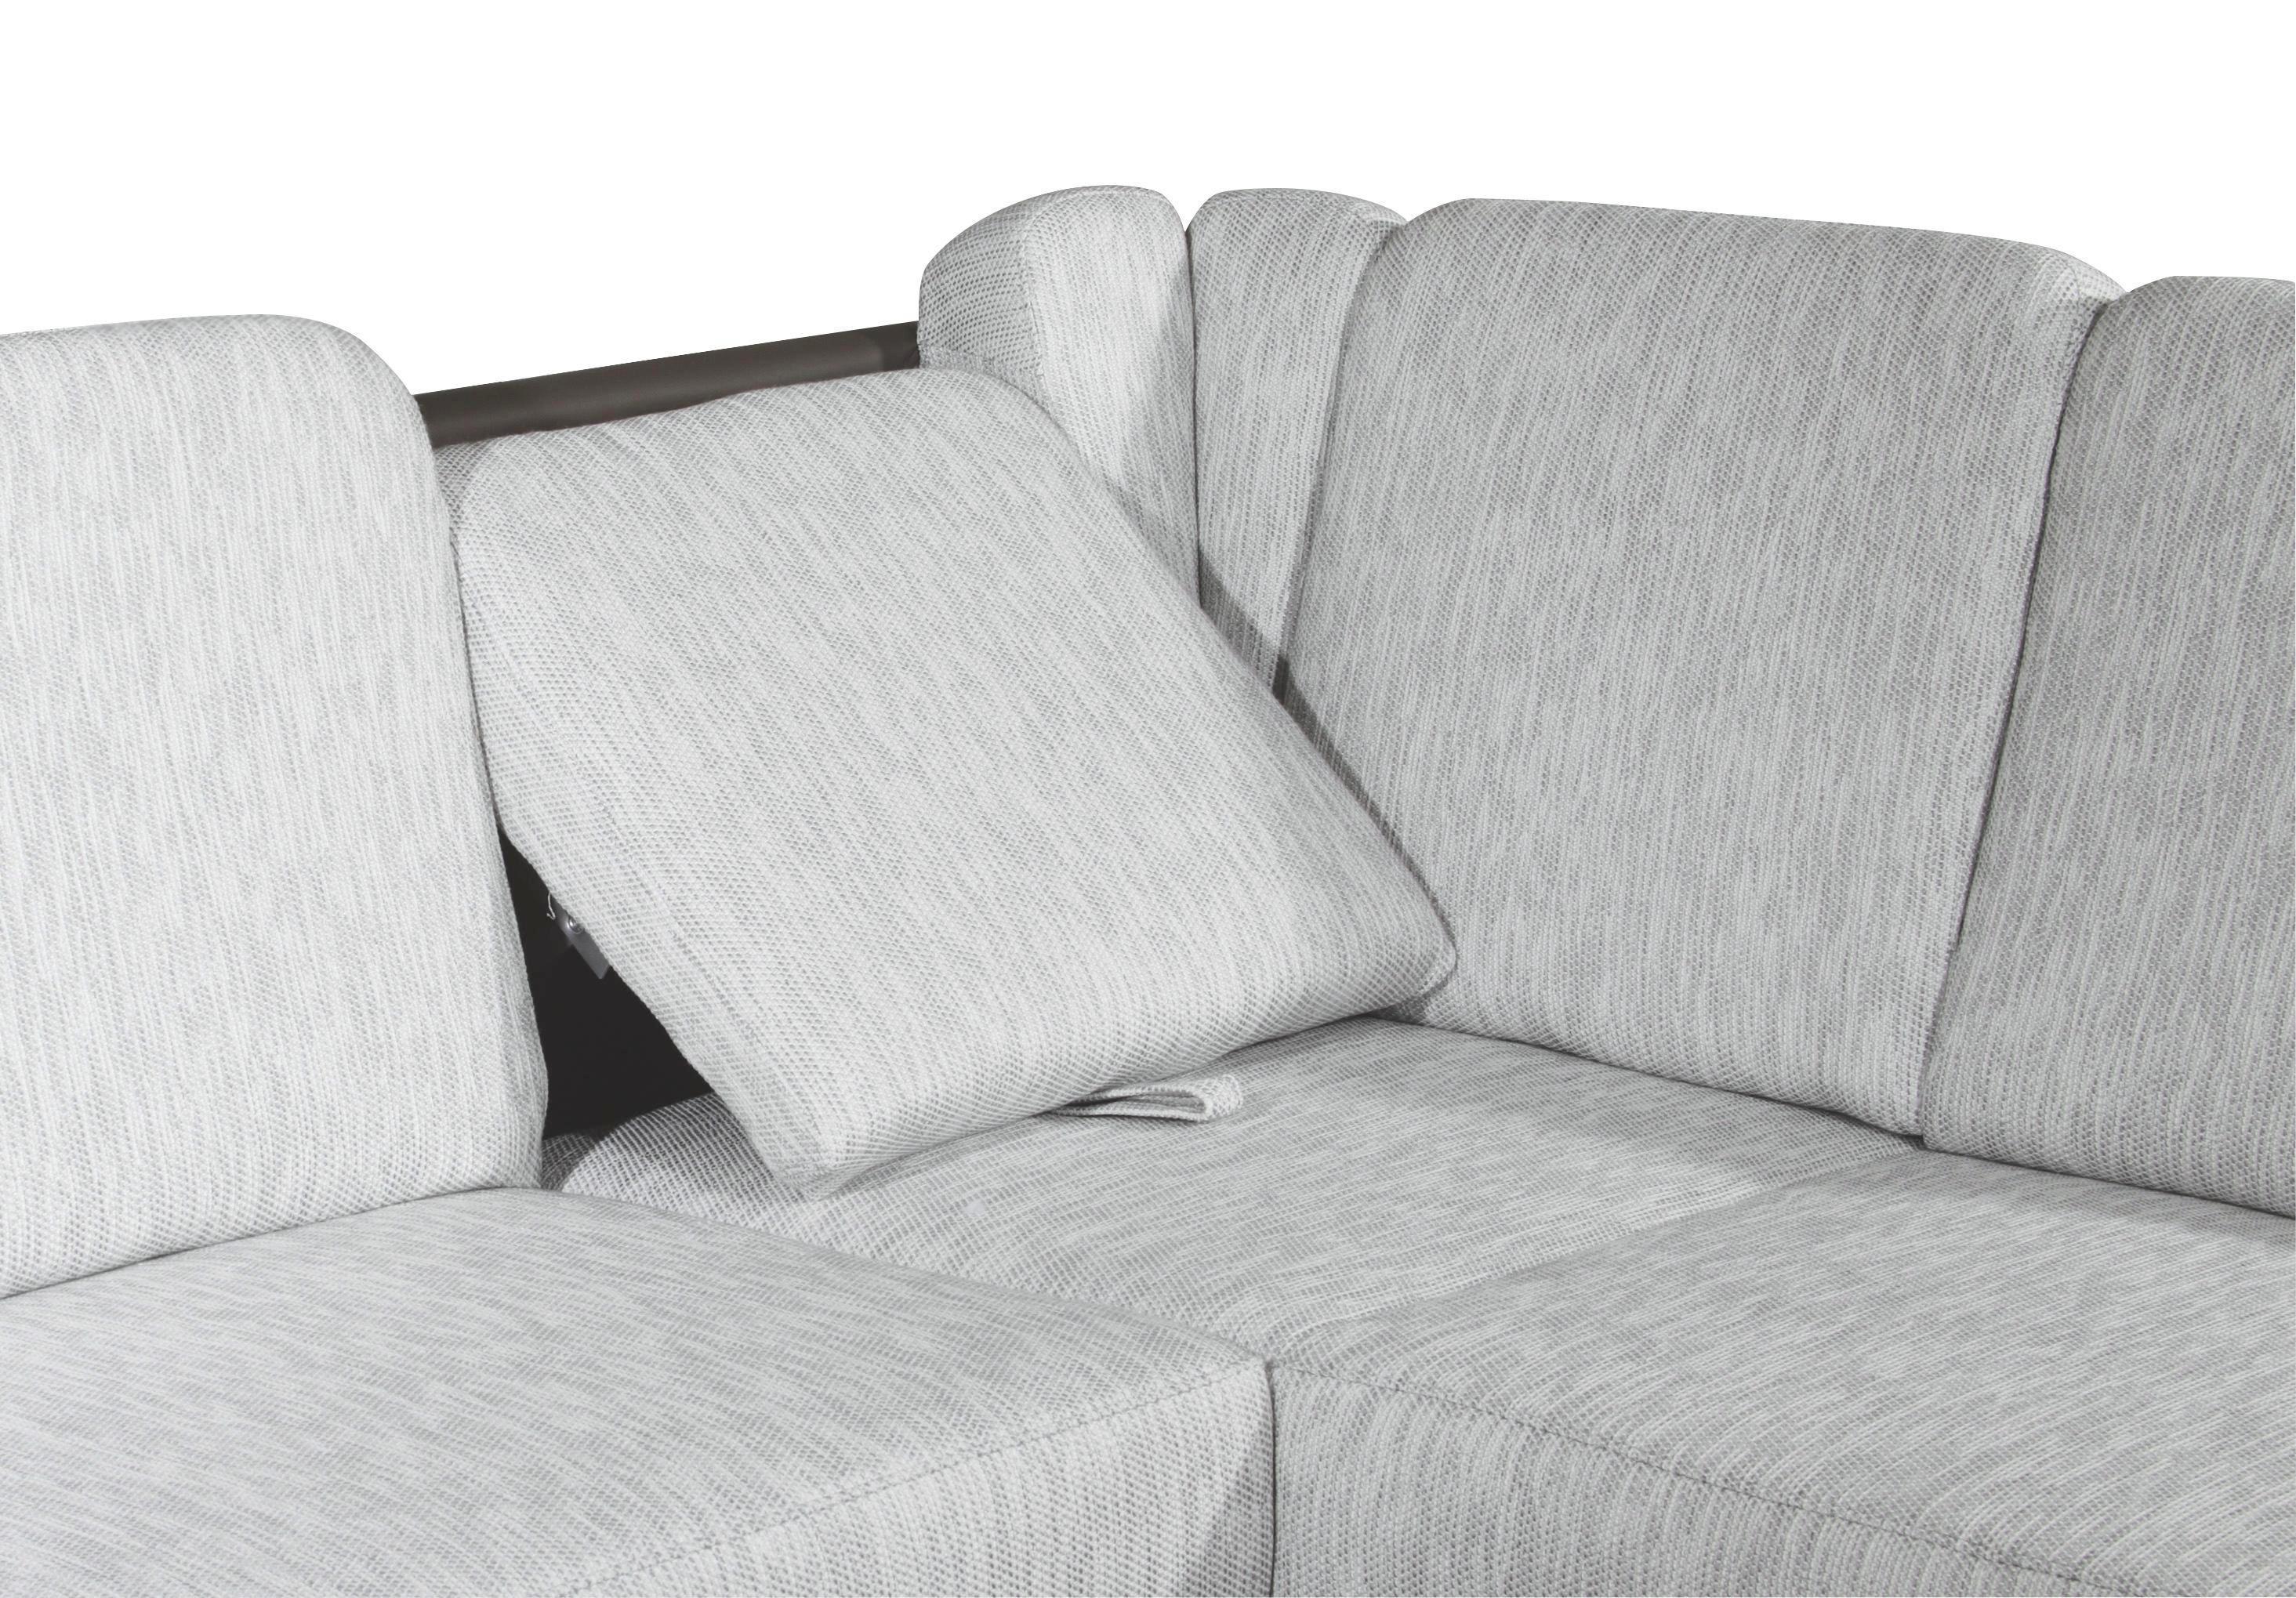 SEDACÍ SOUPRAVA - tmavě hnědá/světle šedá, Konvenční, kov/textil (245/200cm) - XORA